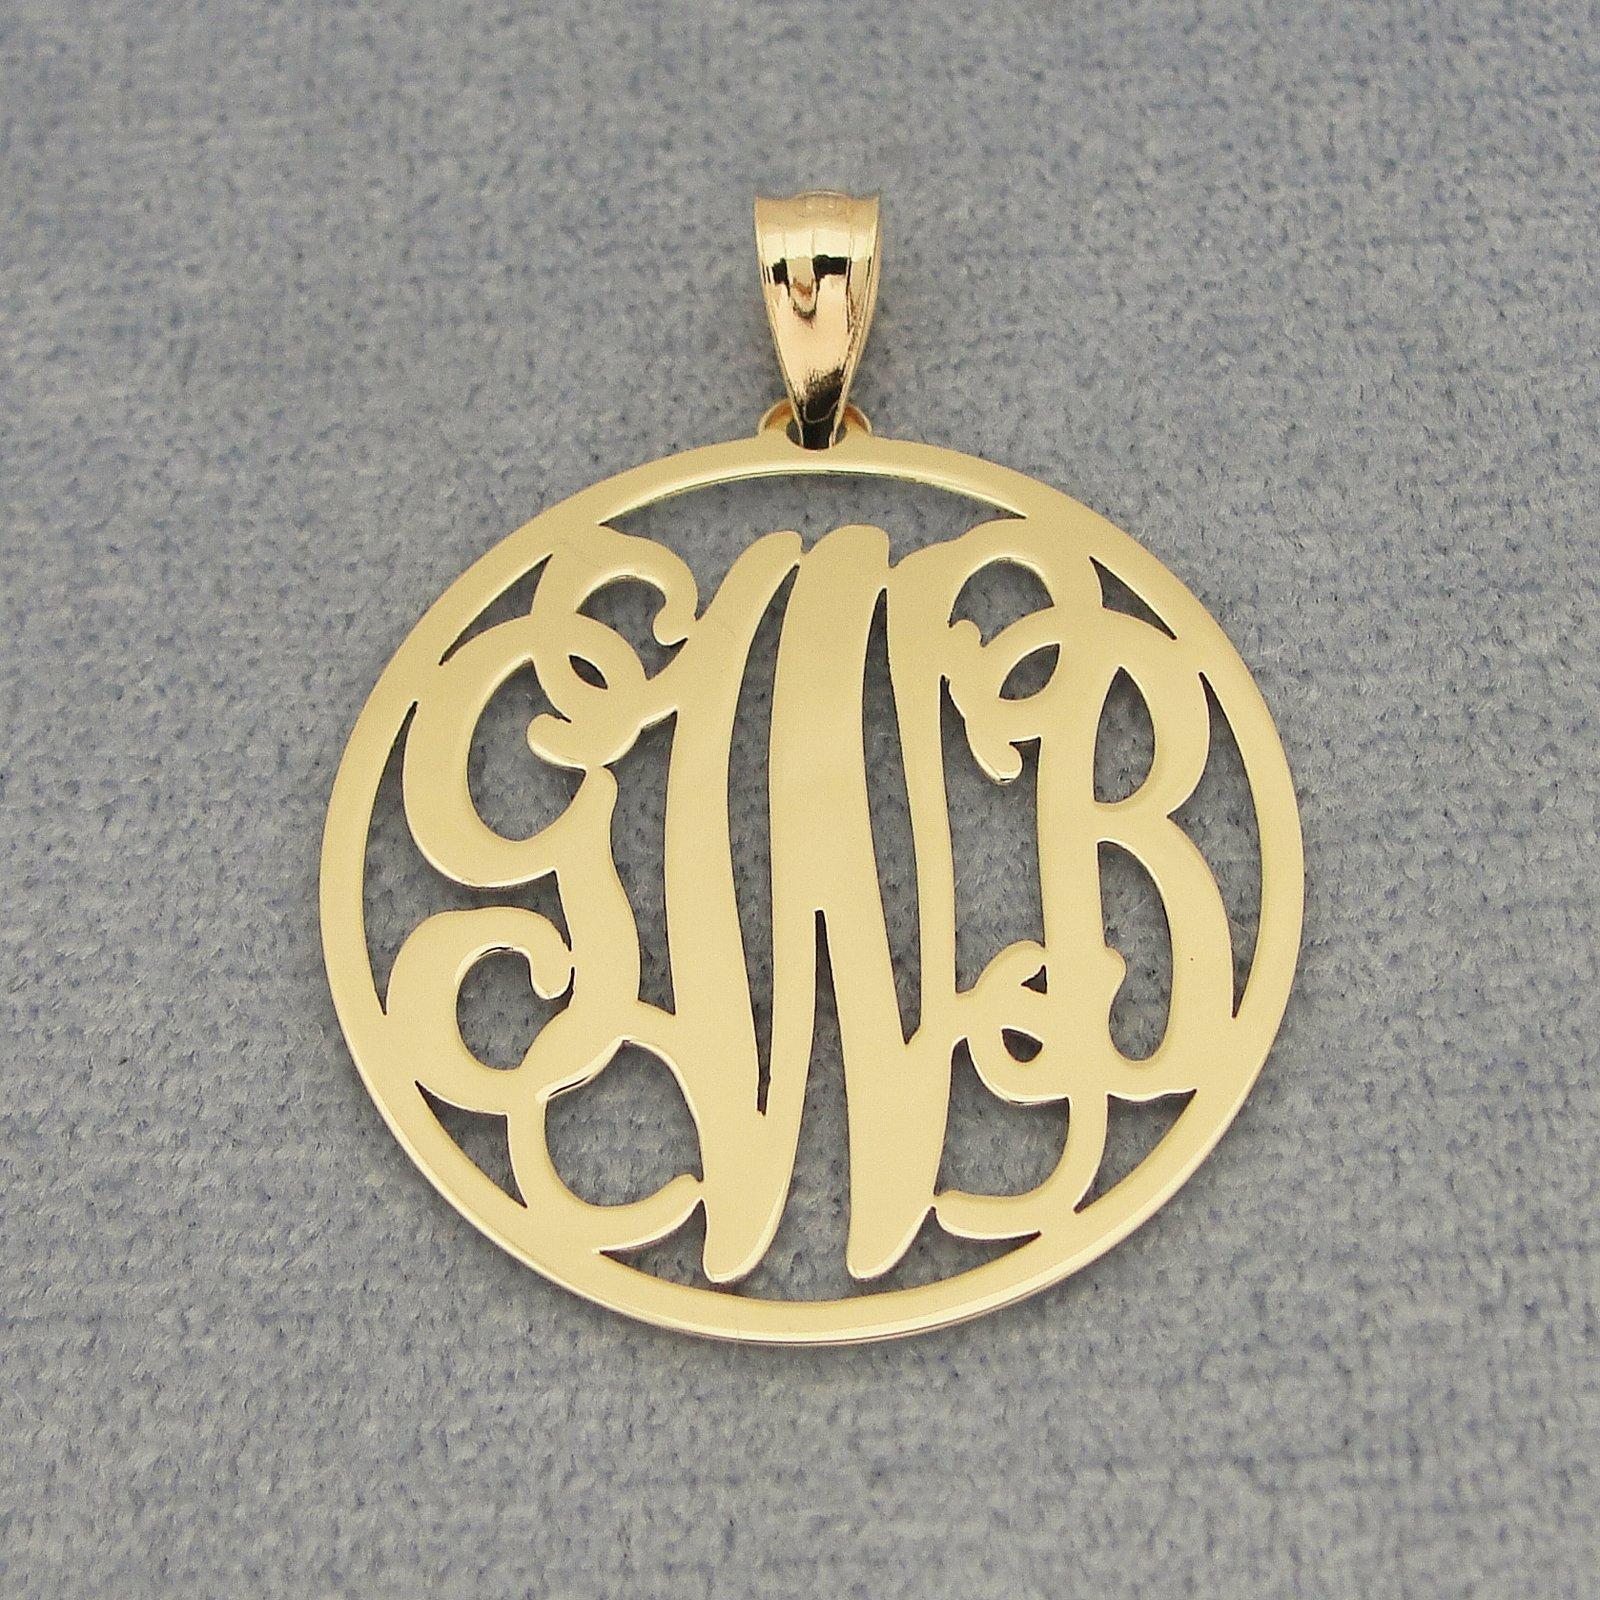 3 Initials Circle Monogram Solid 10k or 14k Gold Pendant 1 inch Diameter GM42